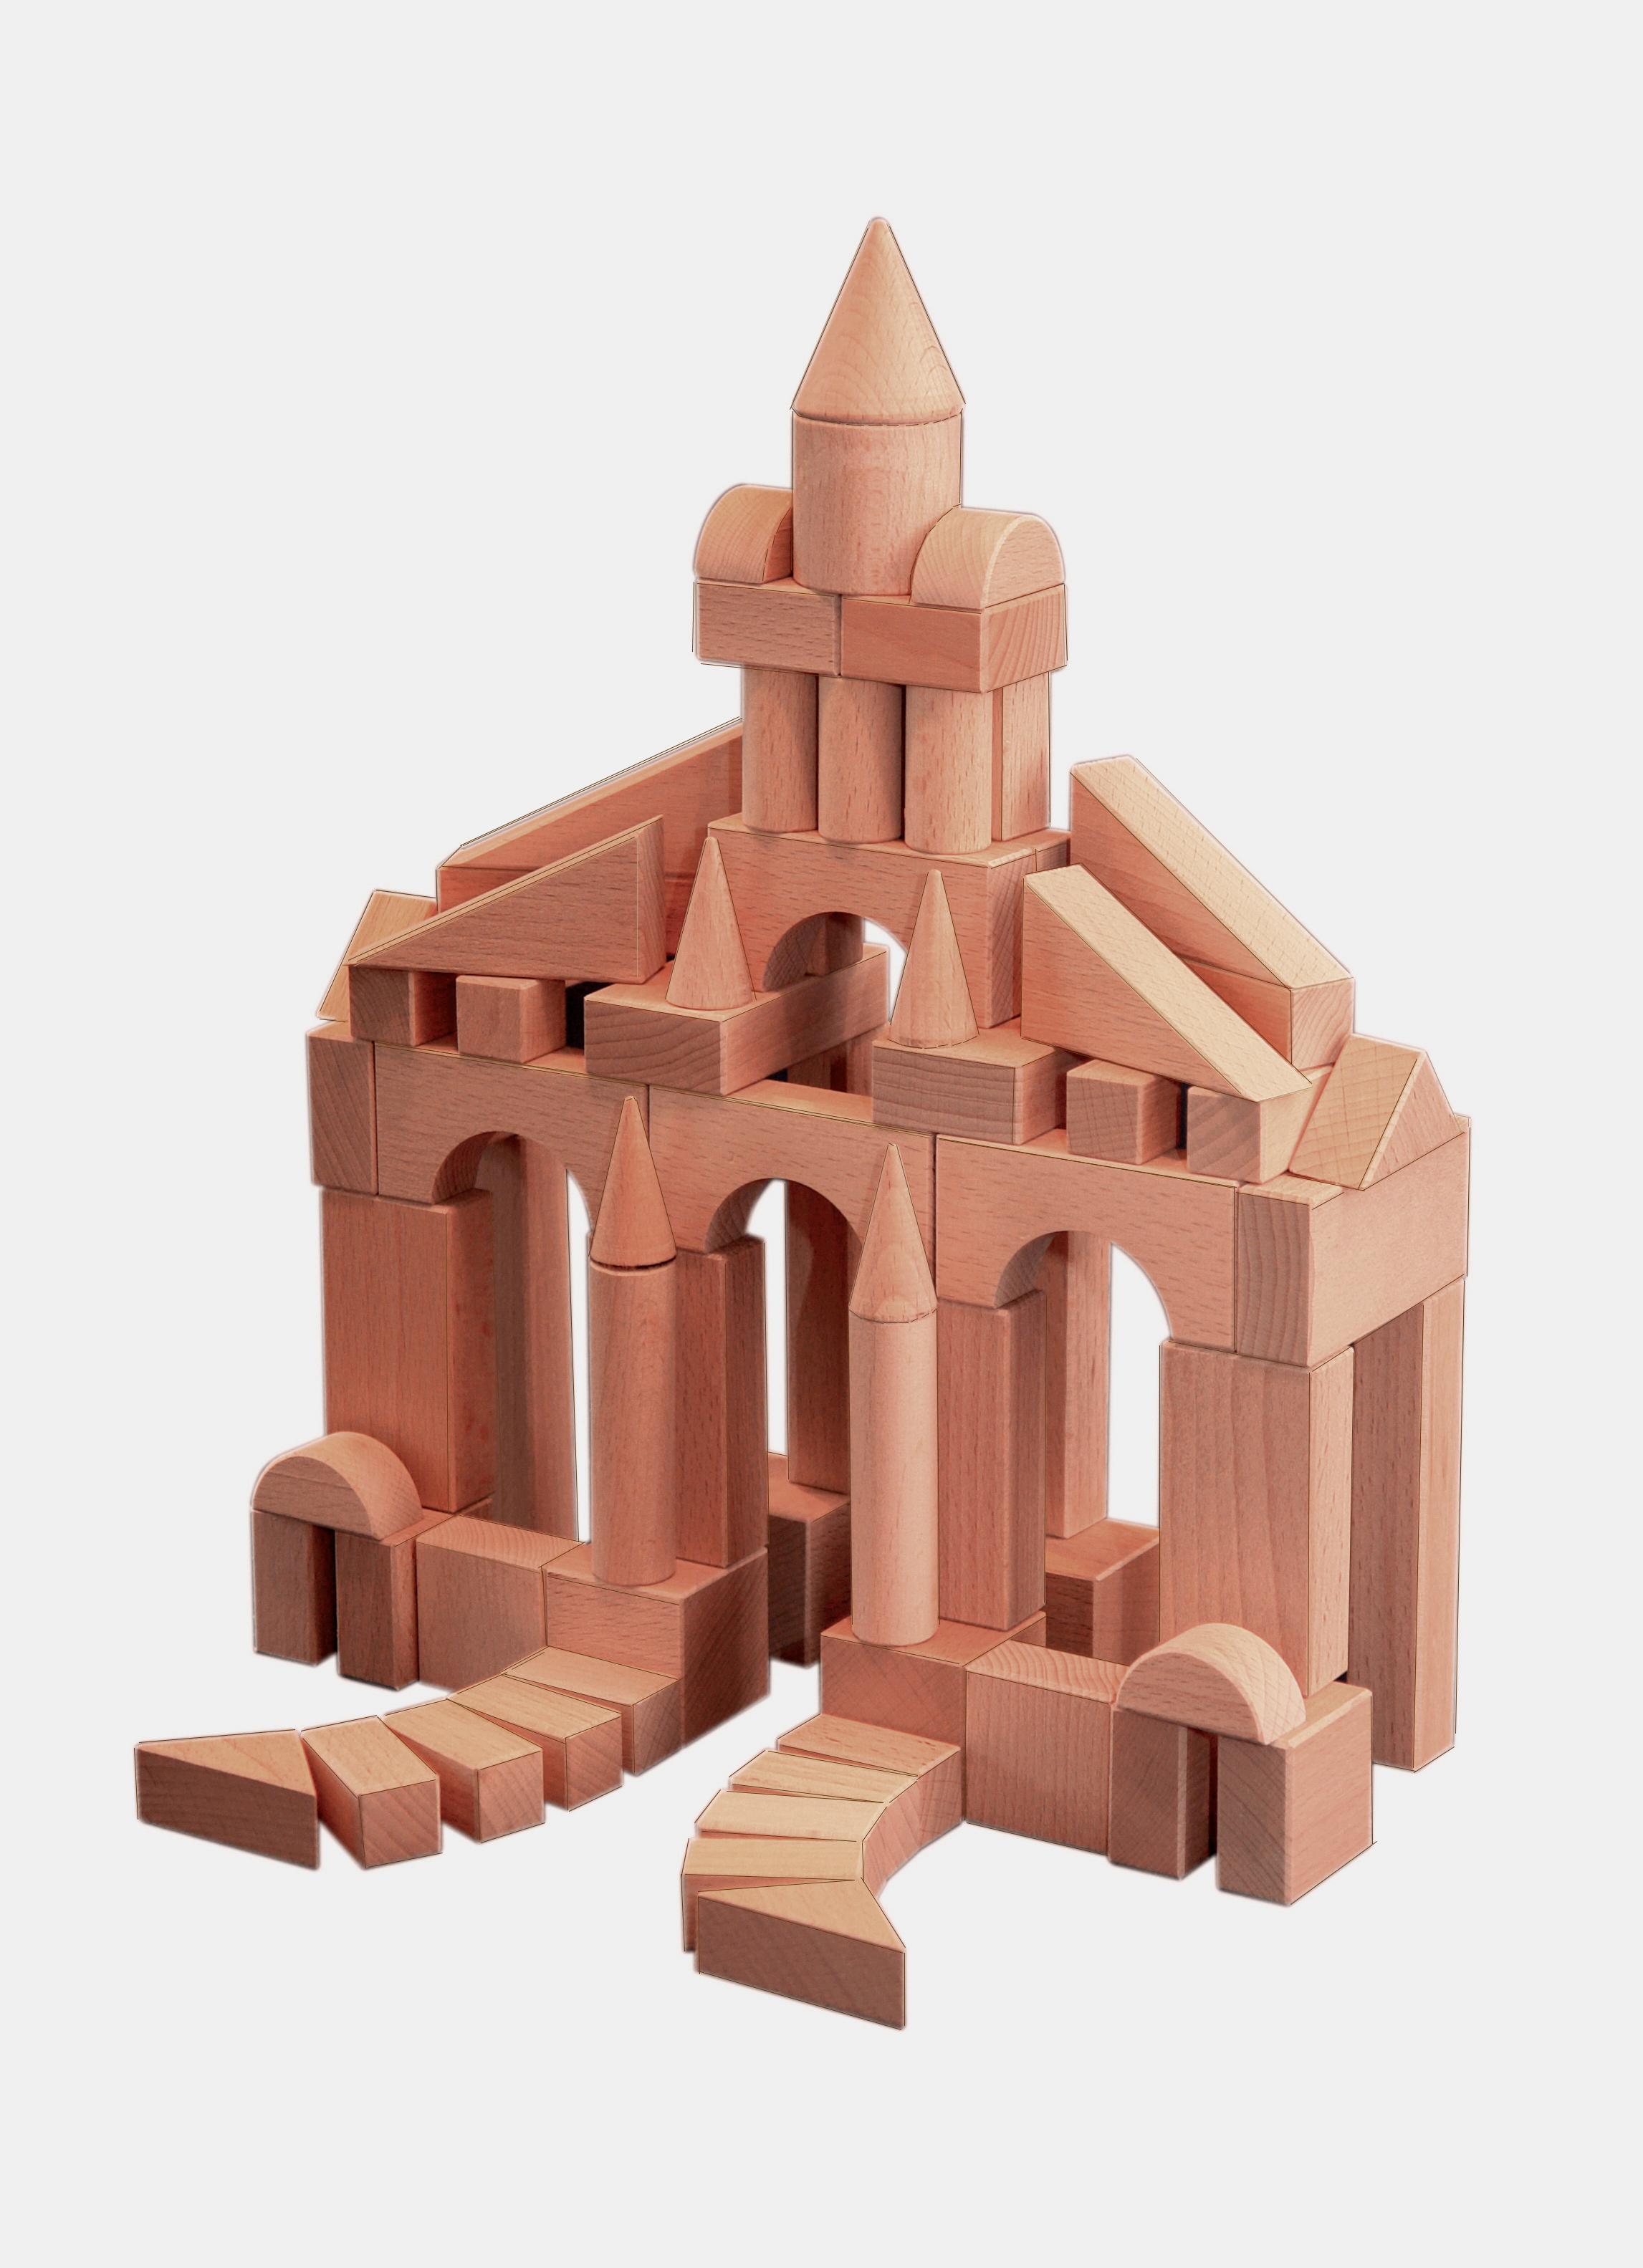 Конструктор деревянный не окрашенный, 70 деталейКубики<br>Конструктор деревянный не окрашенный, 70 деталей<br>